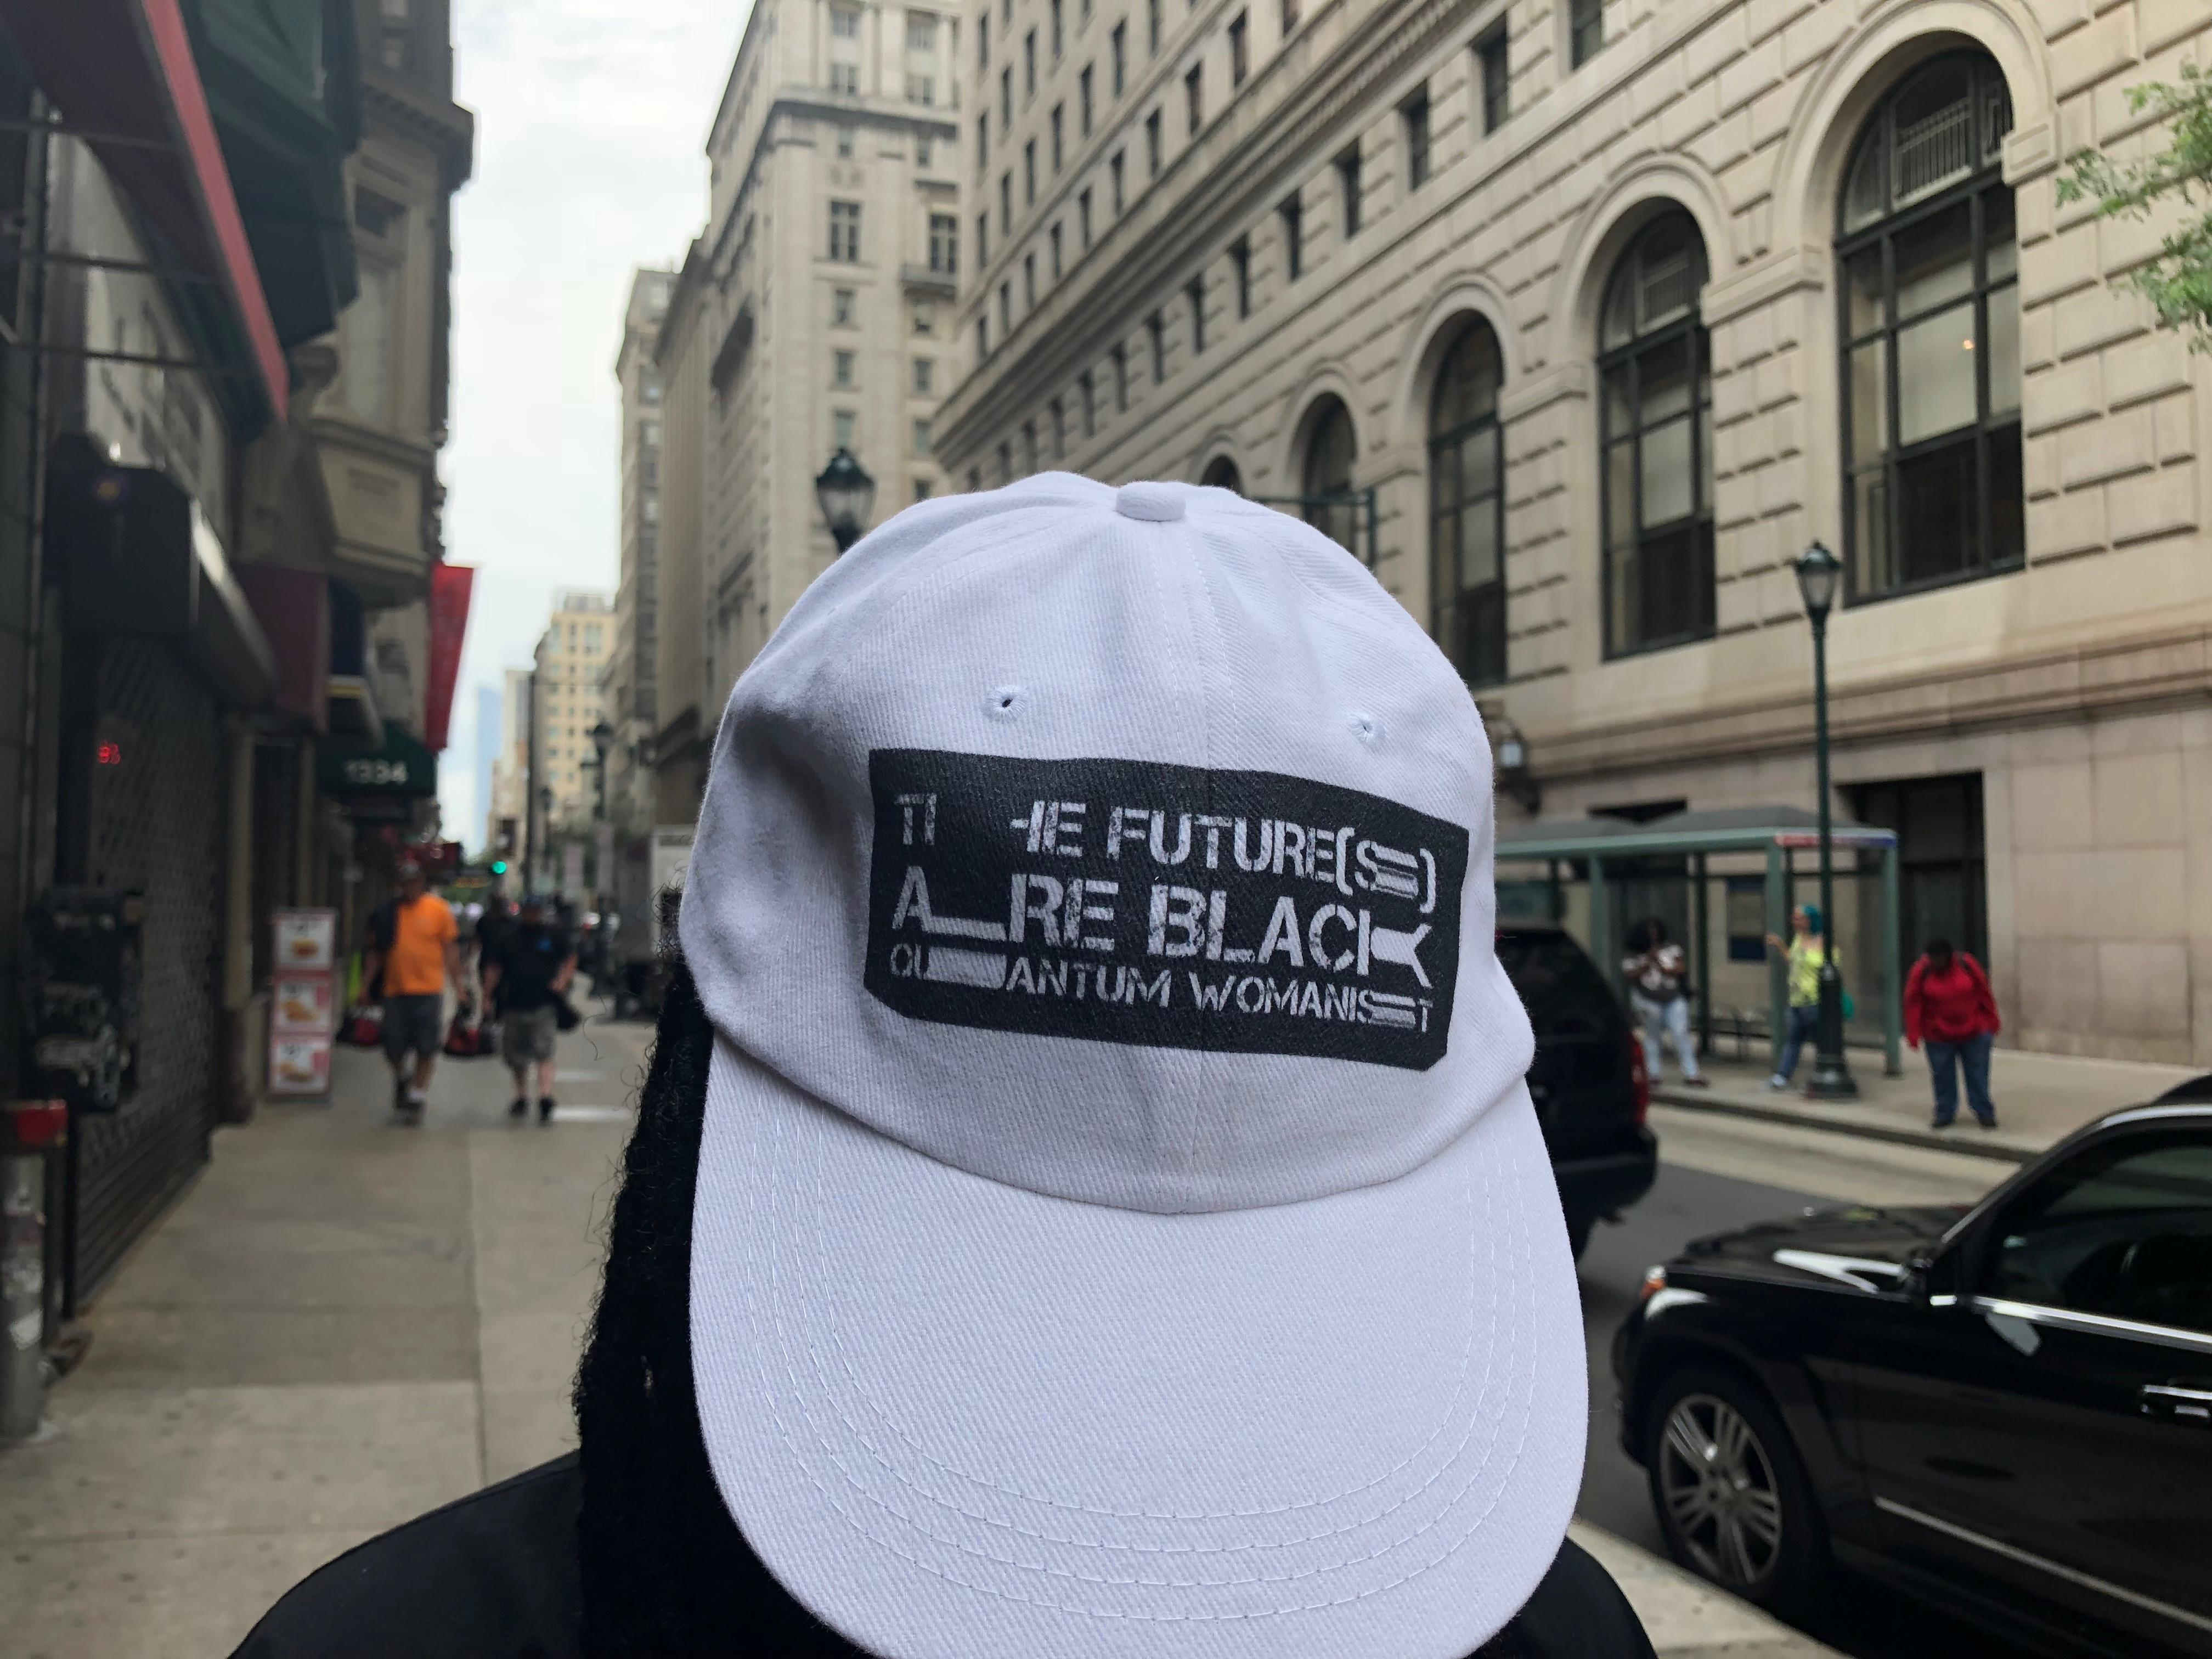 Black Quantum Womanist Futures Dad Hat · House of Future Sciences ... c564d9ec6be